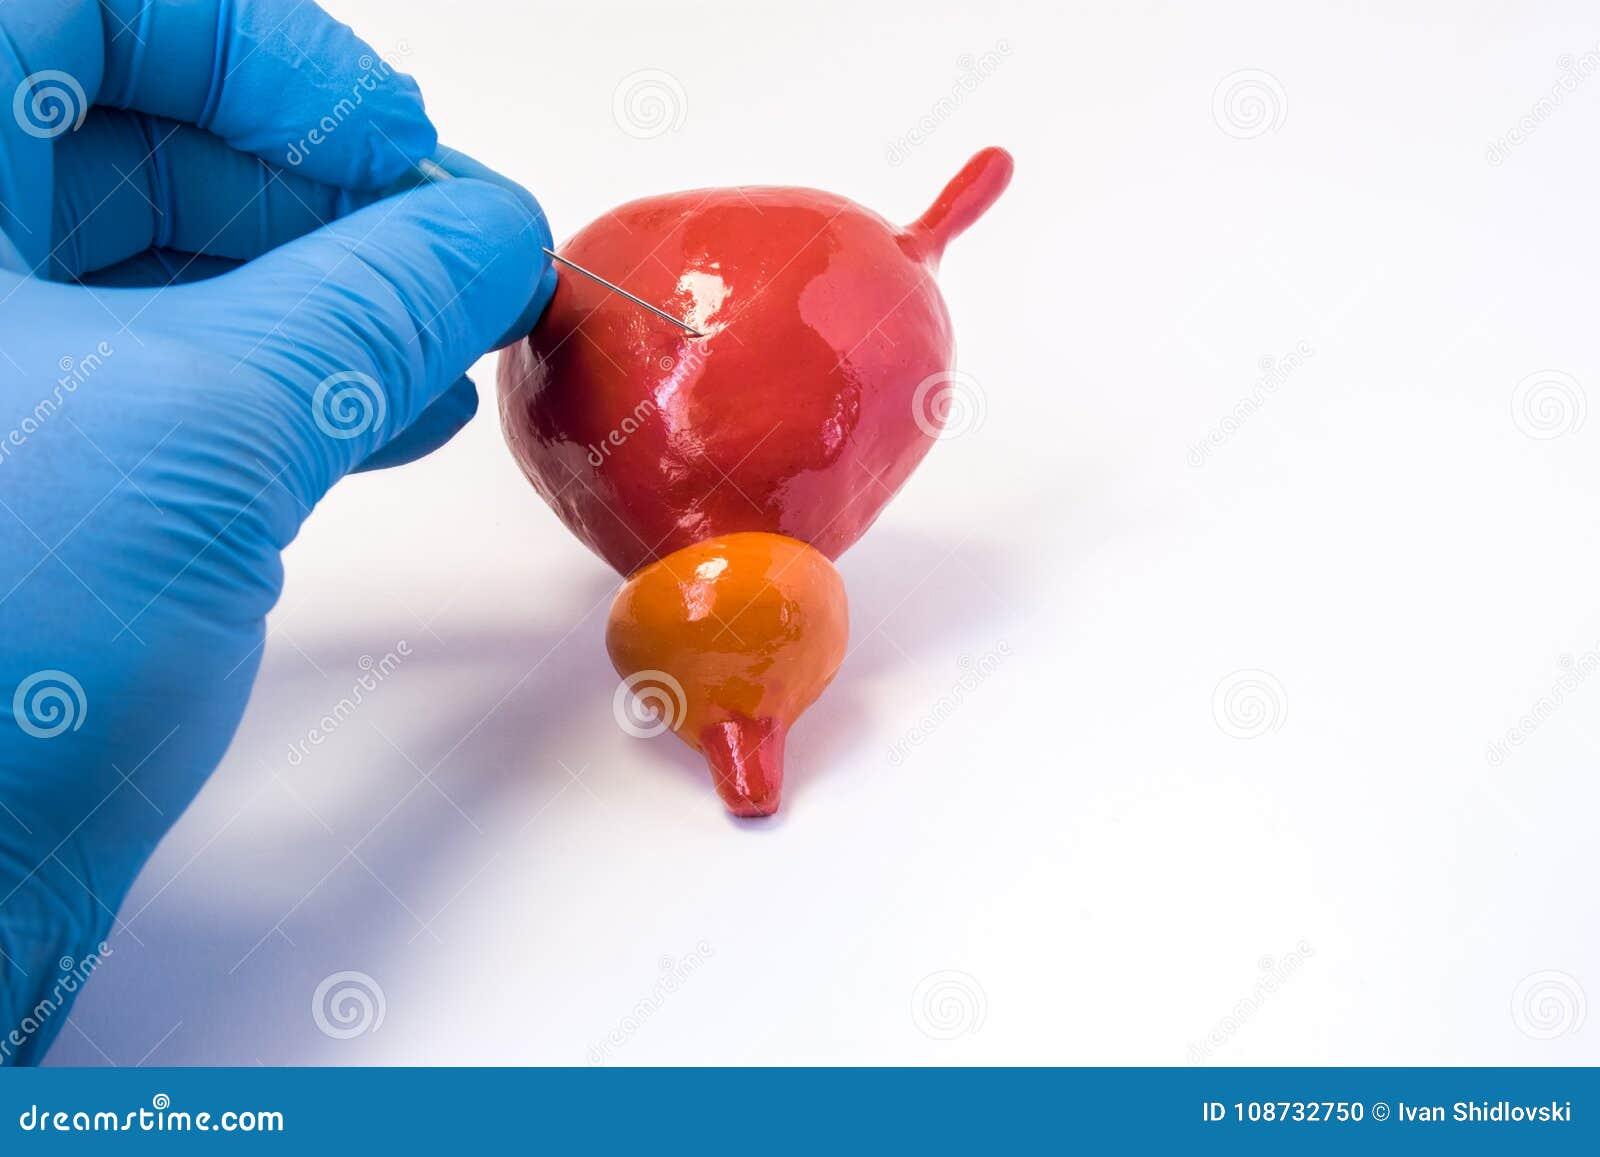 Suprapubic βιοψία οπής κύστεων ούρων ή cystoscopy διαδικασία Urologist η βελόνα εκμετάλλευσης και κάνει την οπή σωμάτων του ανατο